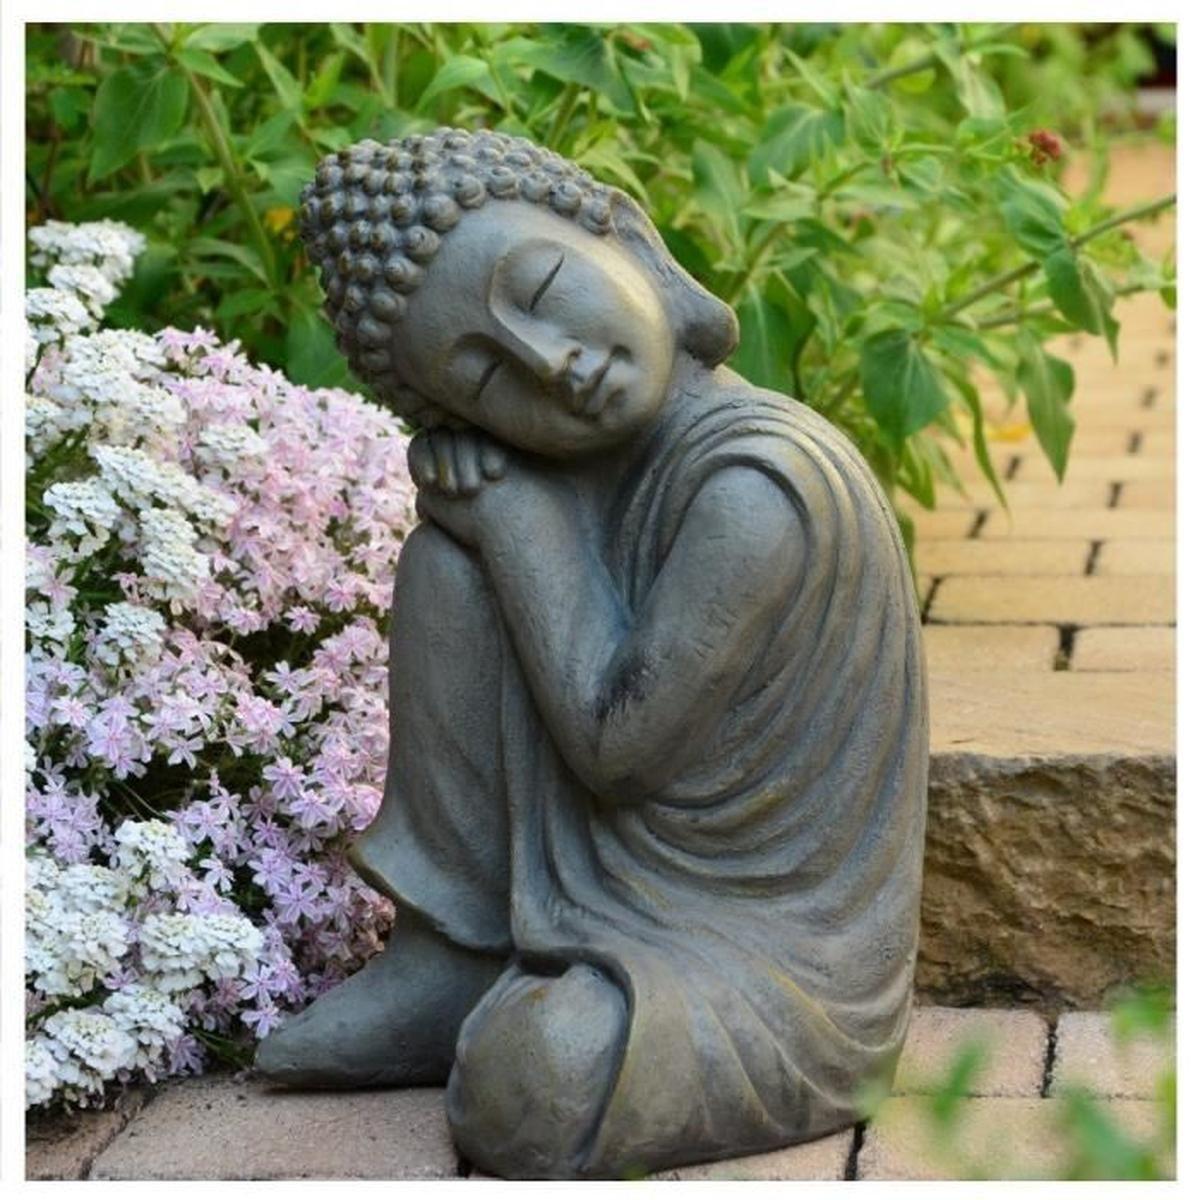 Statue Bouddha Jardin Décoration Zen 43 Cm - Achat / Vente ... dedans Statue Bouddha Exterieur Pour Jardin